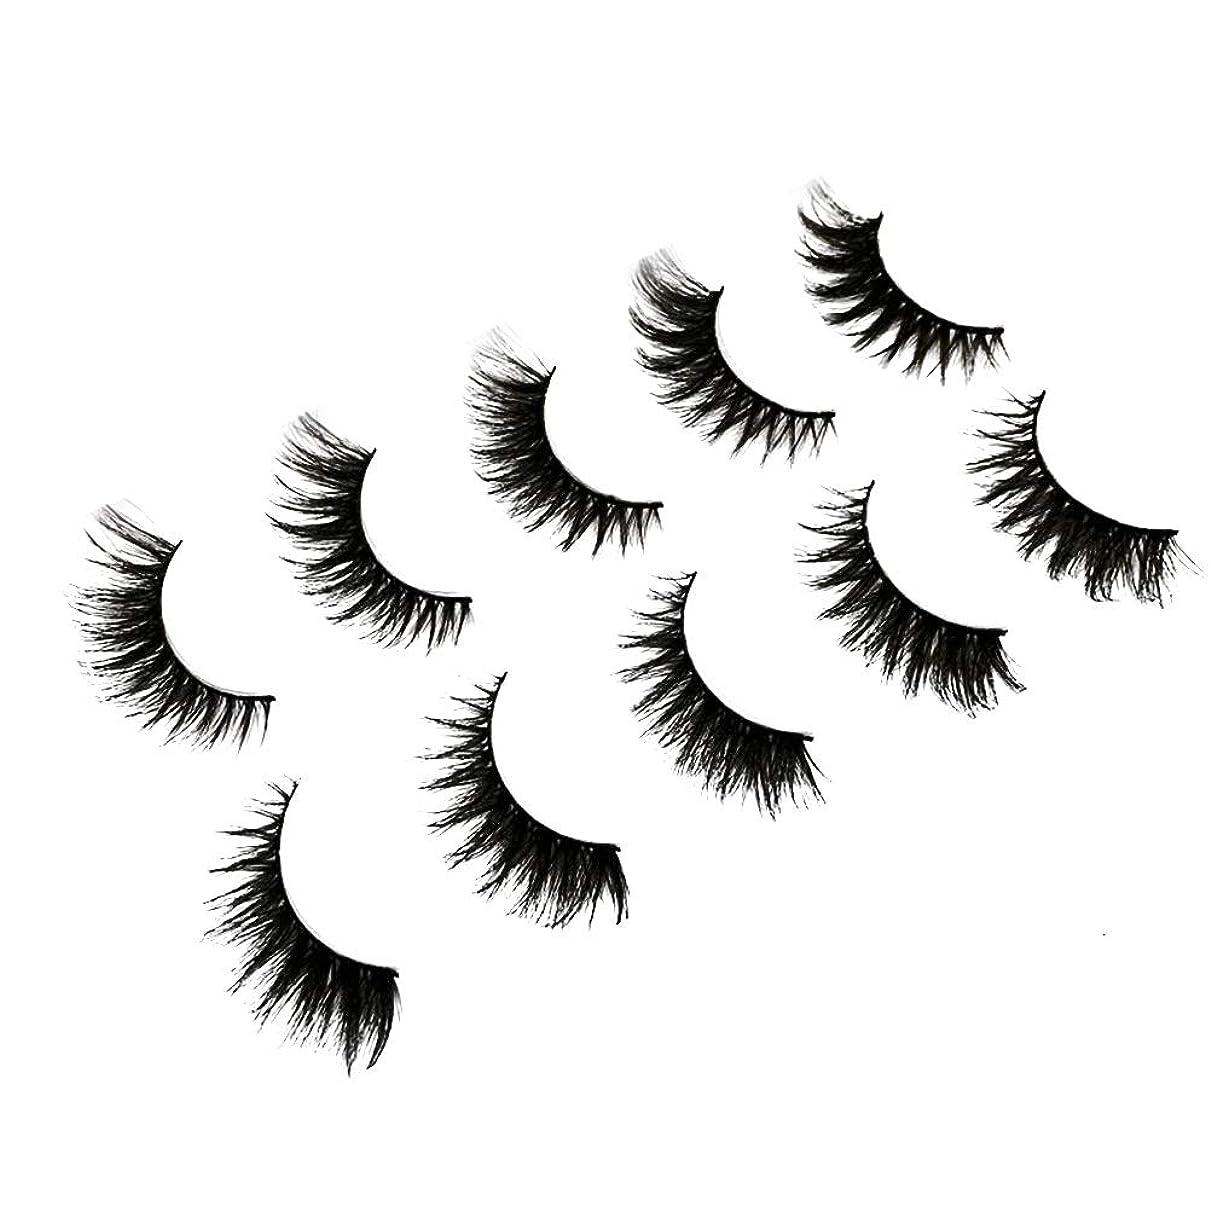 おとこ論理退化する5ペアレディース3Dクロスイミテーションミンクの毛皮まつげ手作り稠密長い再利用可能なまつげ女性のためのナチュラルルックメイク(3D29)